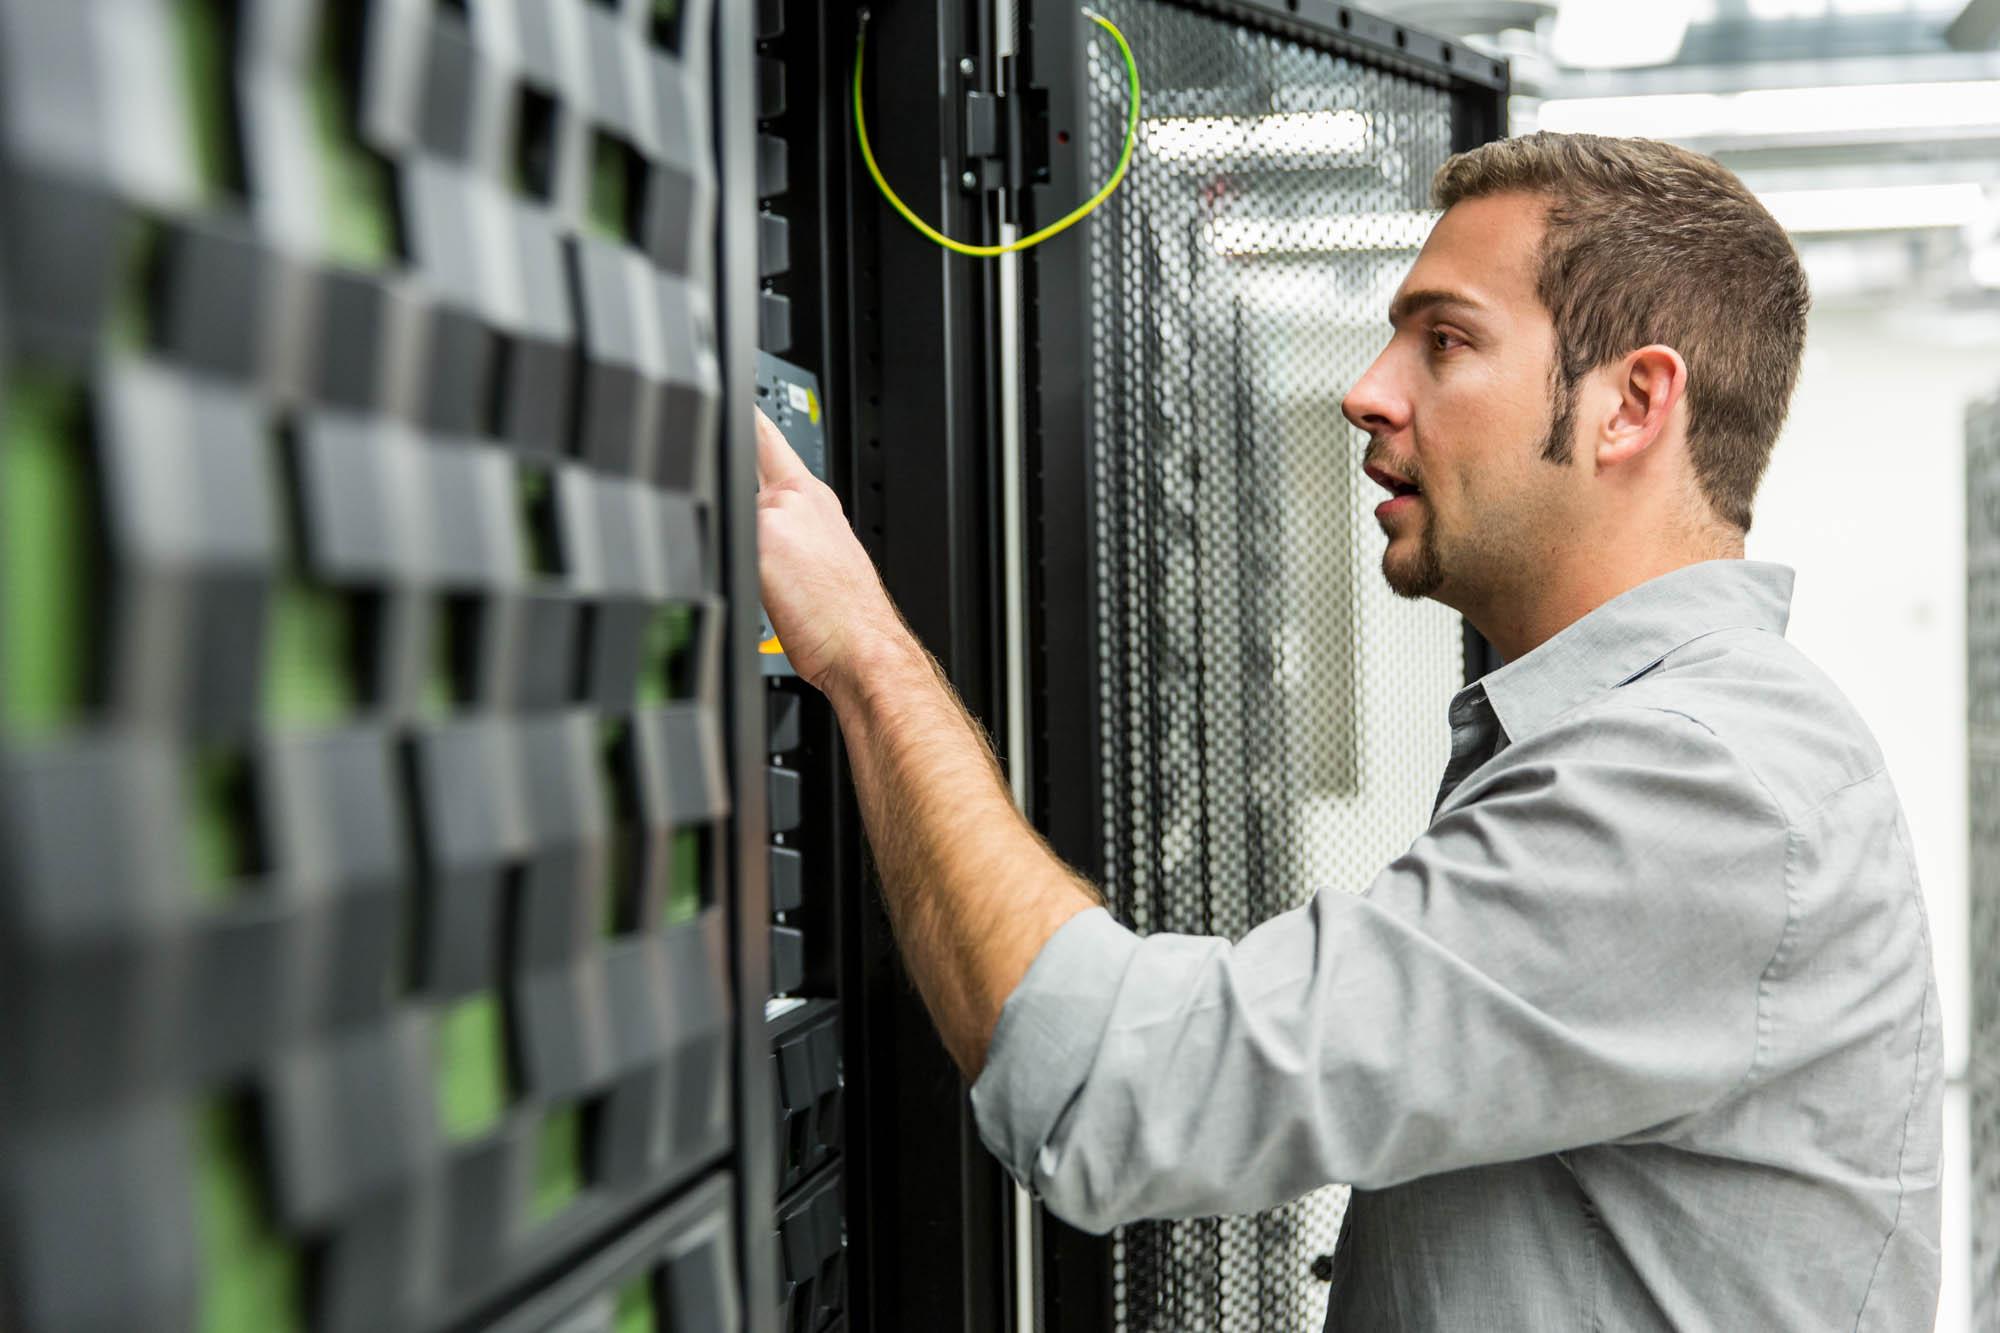 Man-in-data-center-Jordan-Reeder.jpg